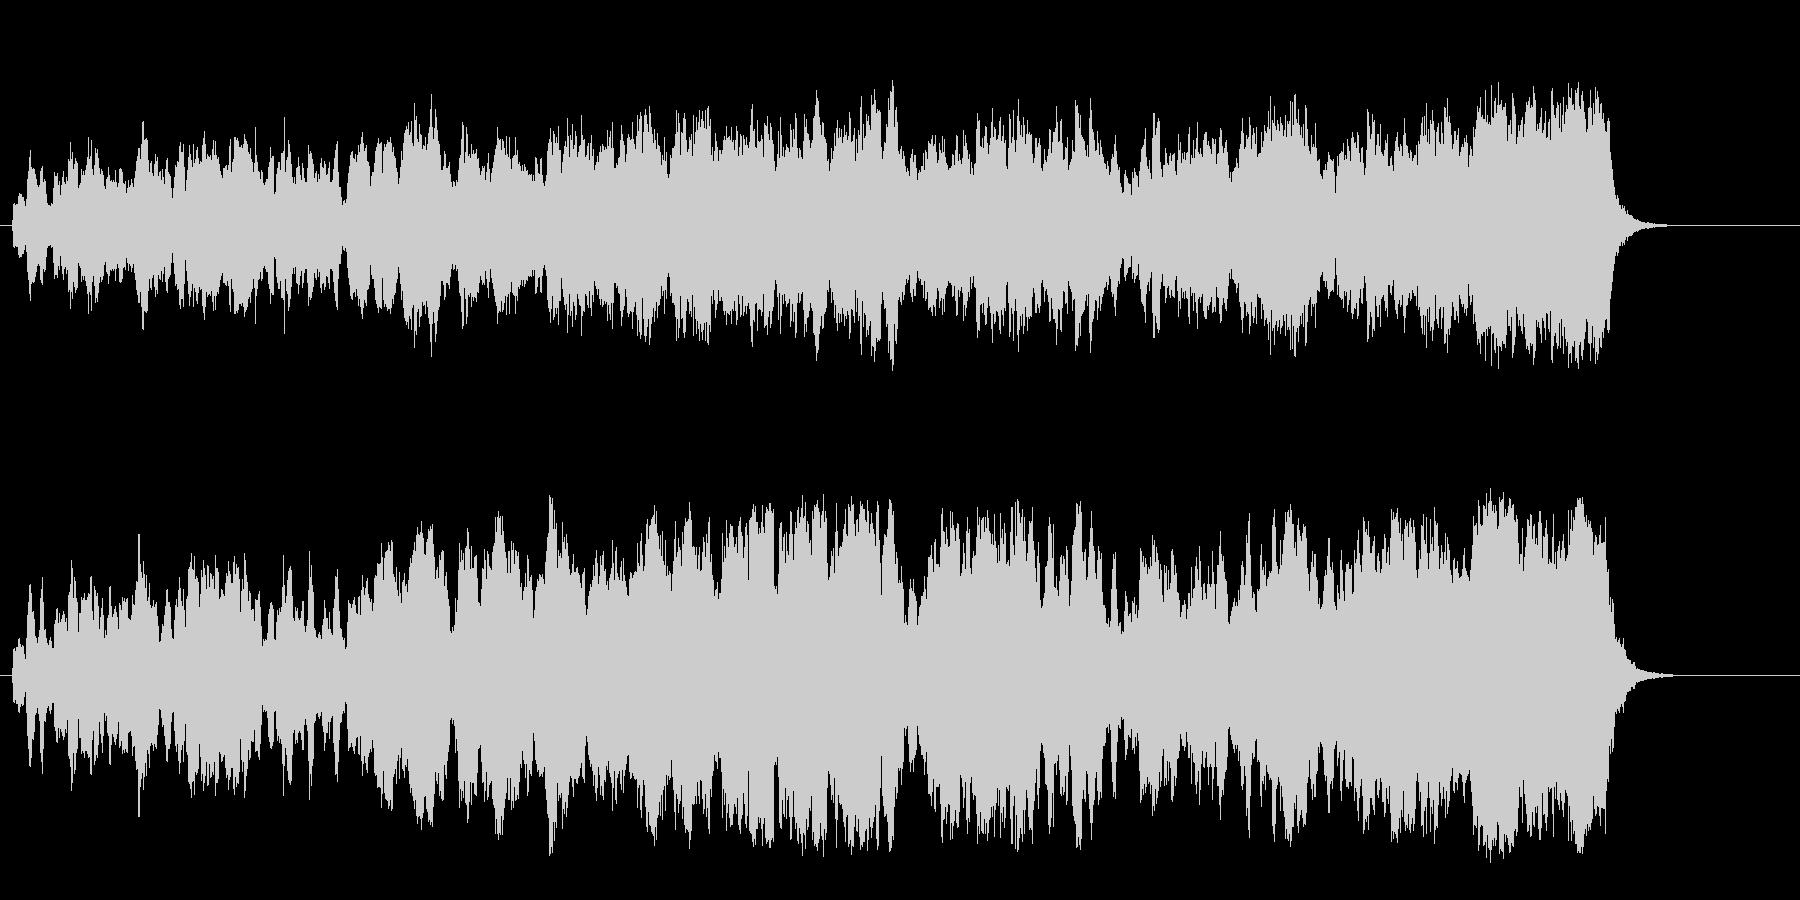 緩やかなメロディーが安らげるセミクラの未再生の波形